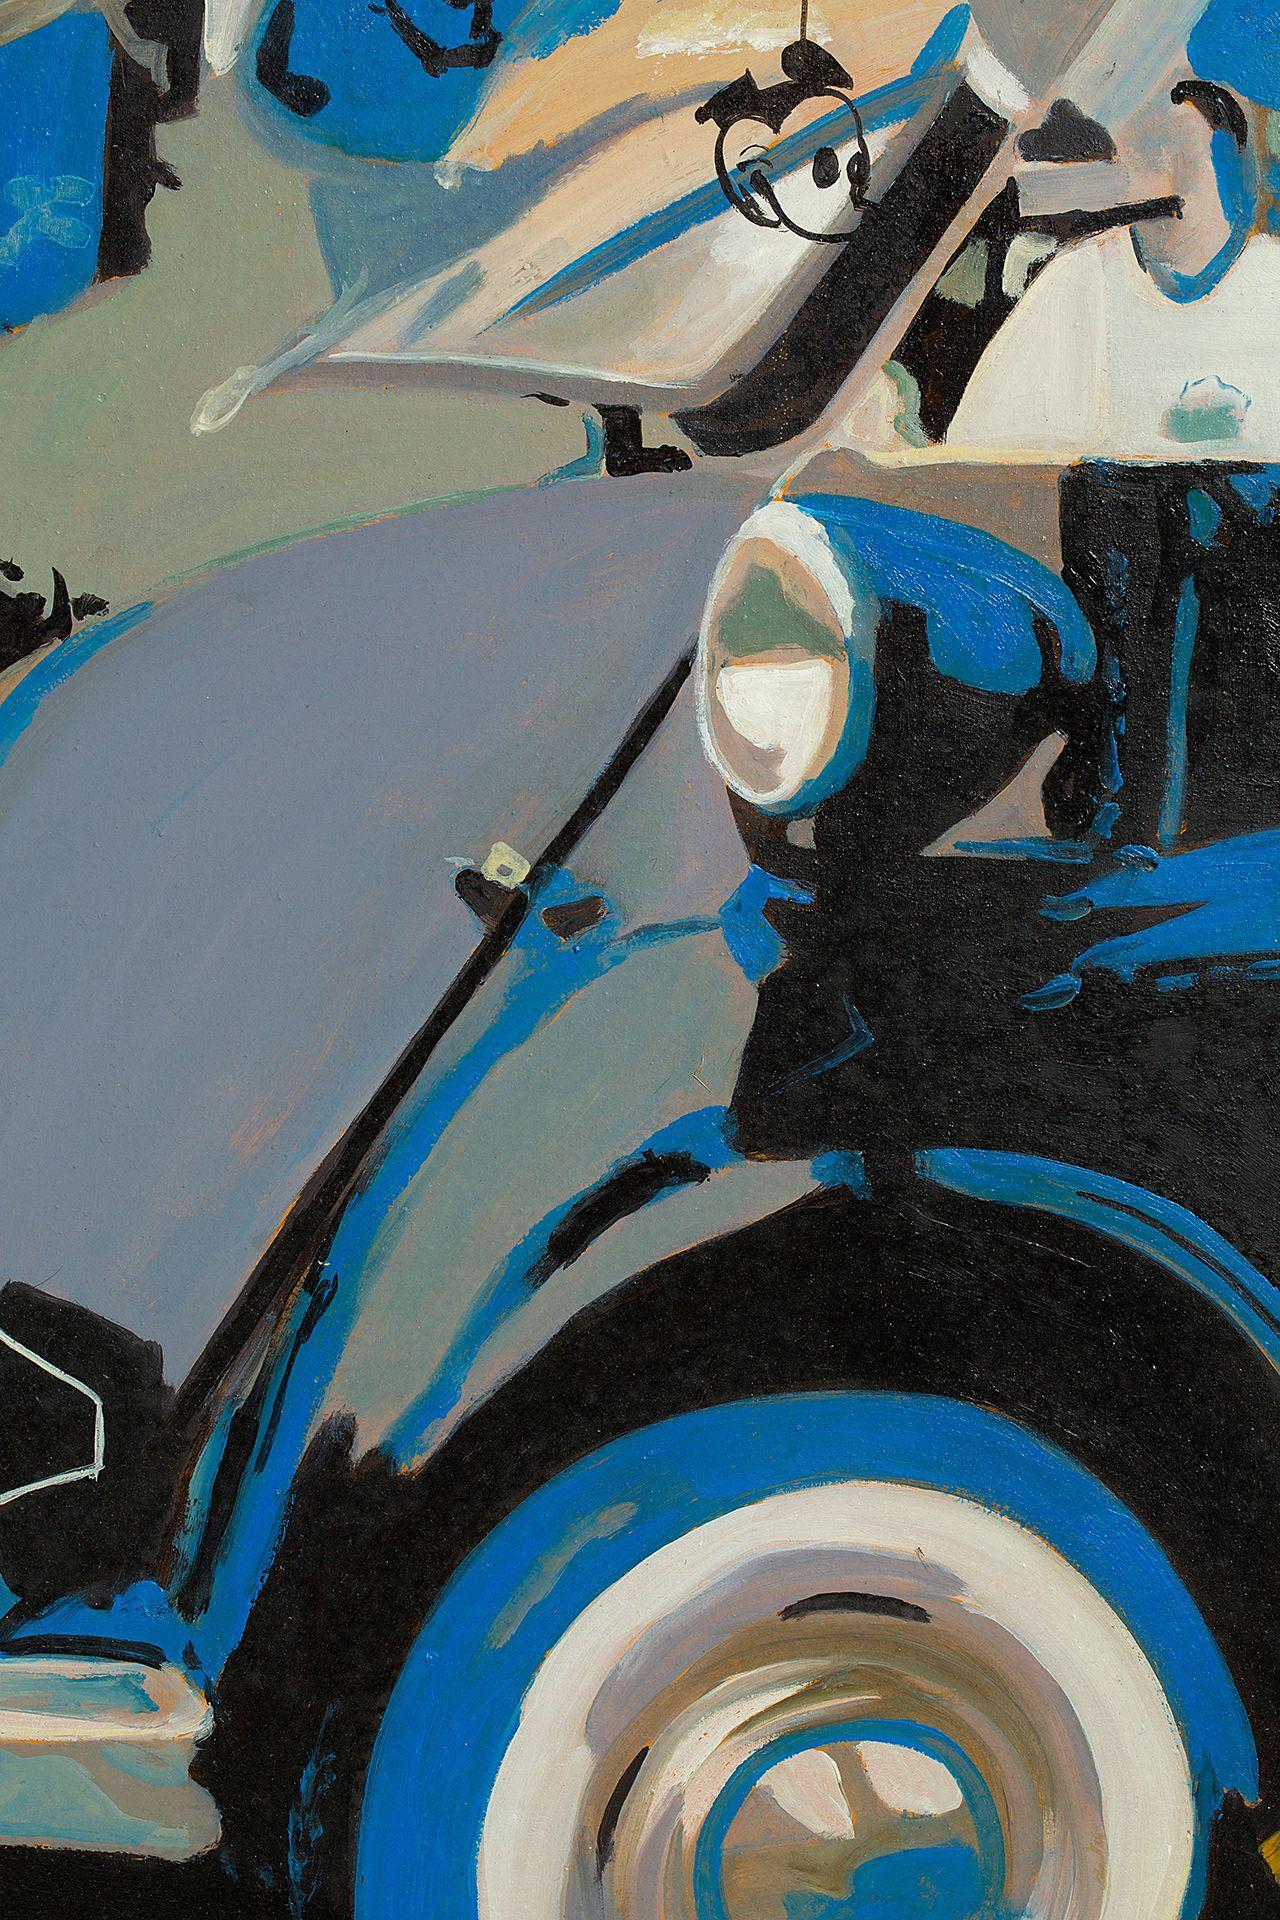 pLAY iSETTA - 120 x 160cm - SOLD / Vendue  Oil on Canvas / Peinture à L'huile sur toile